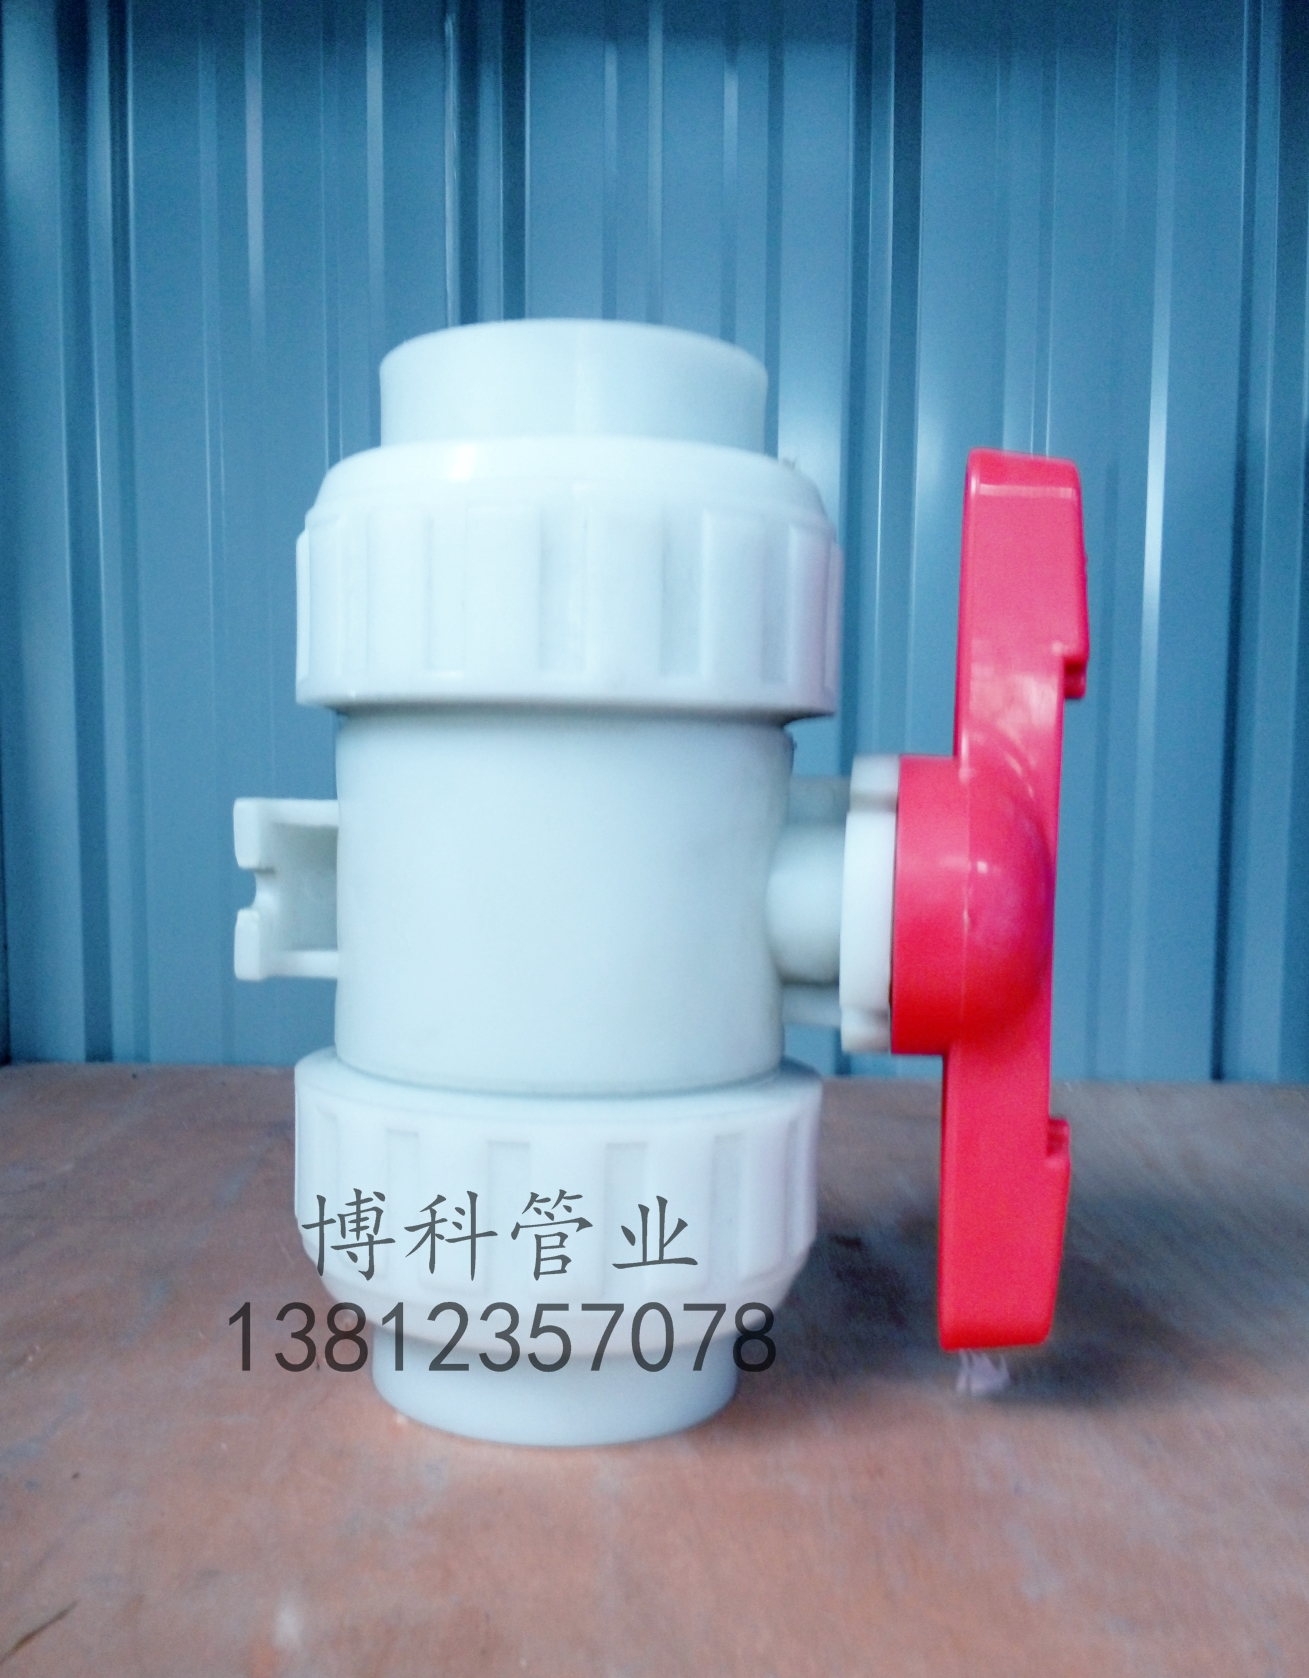 供应FRPP热熔承插球阀、厂家直销、热熔承插球阀批发、球阀报价、热熔承插球阀哪里有